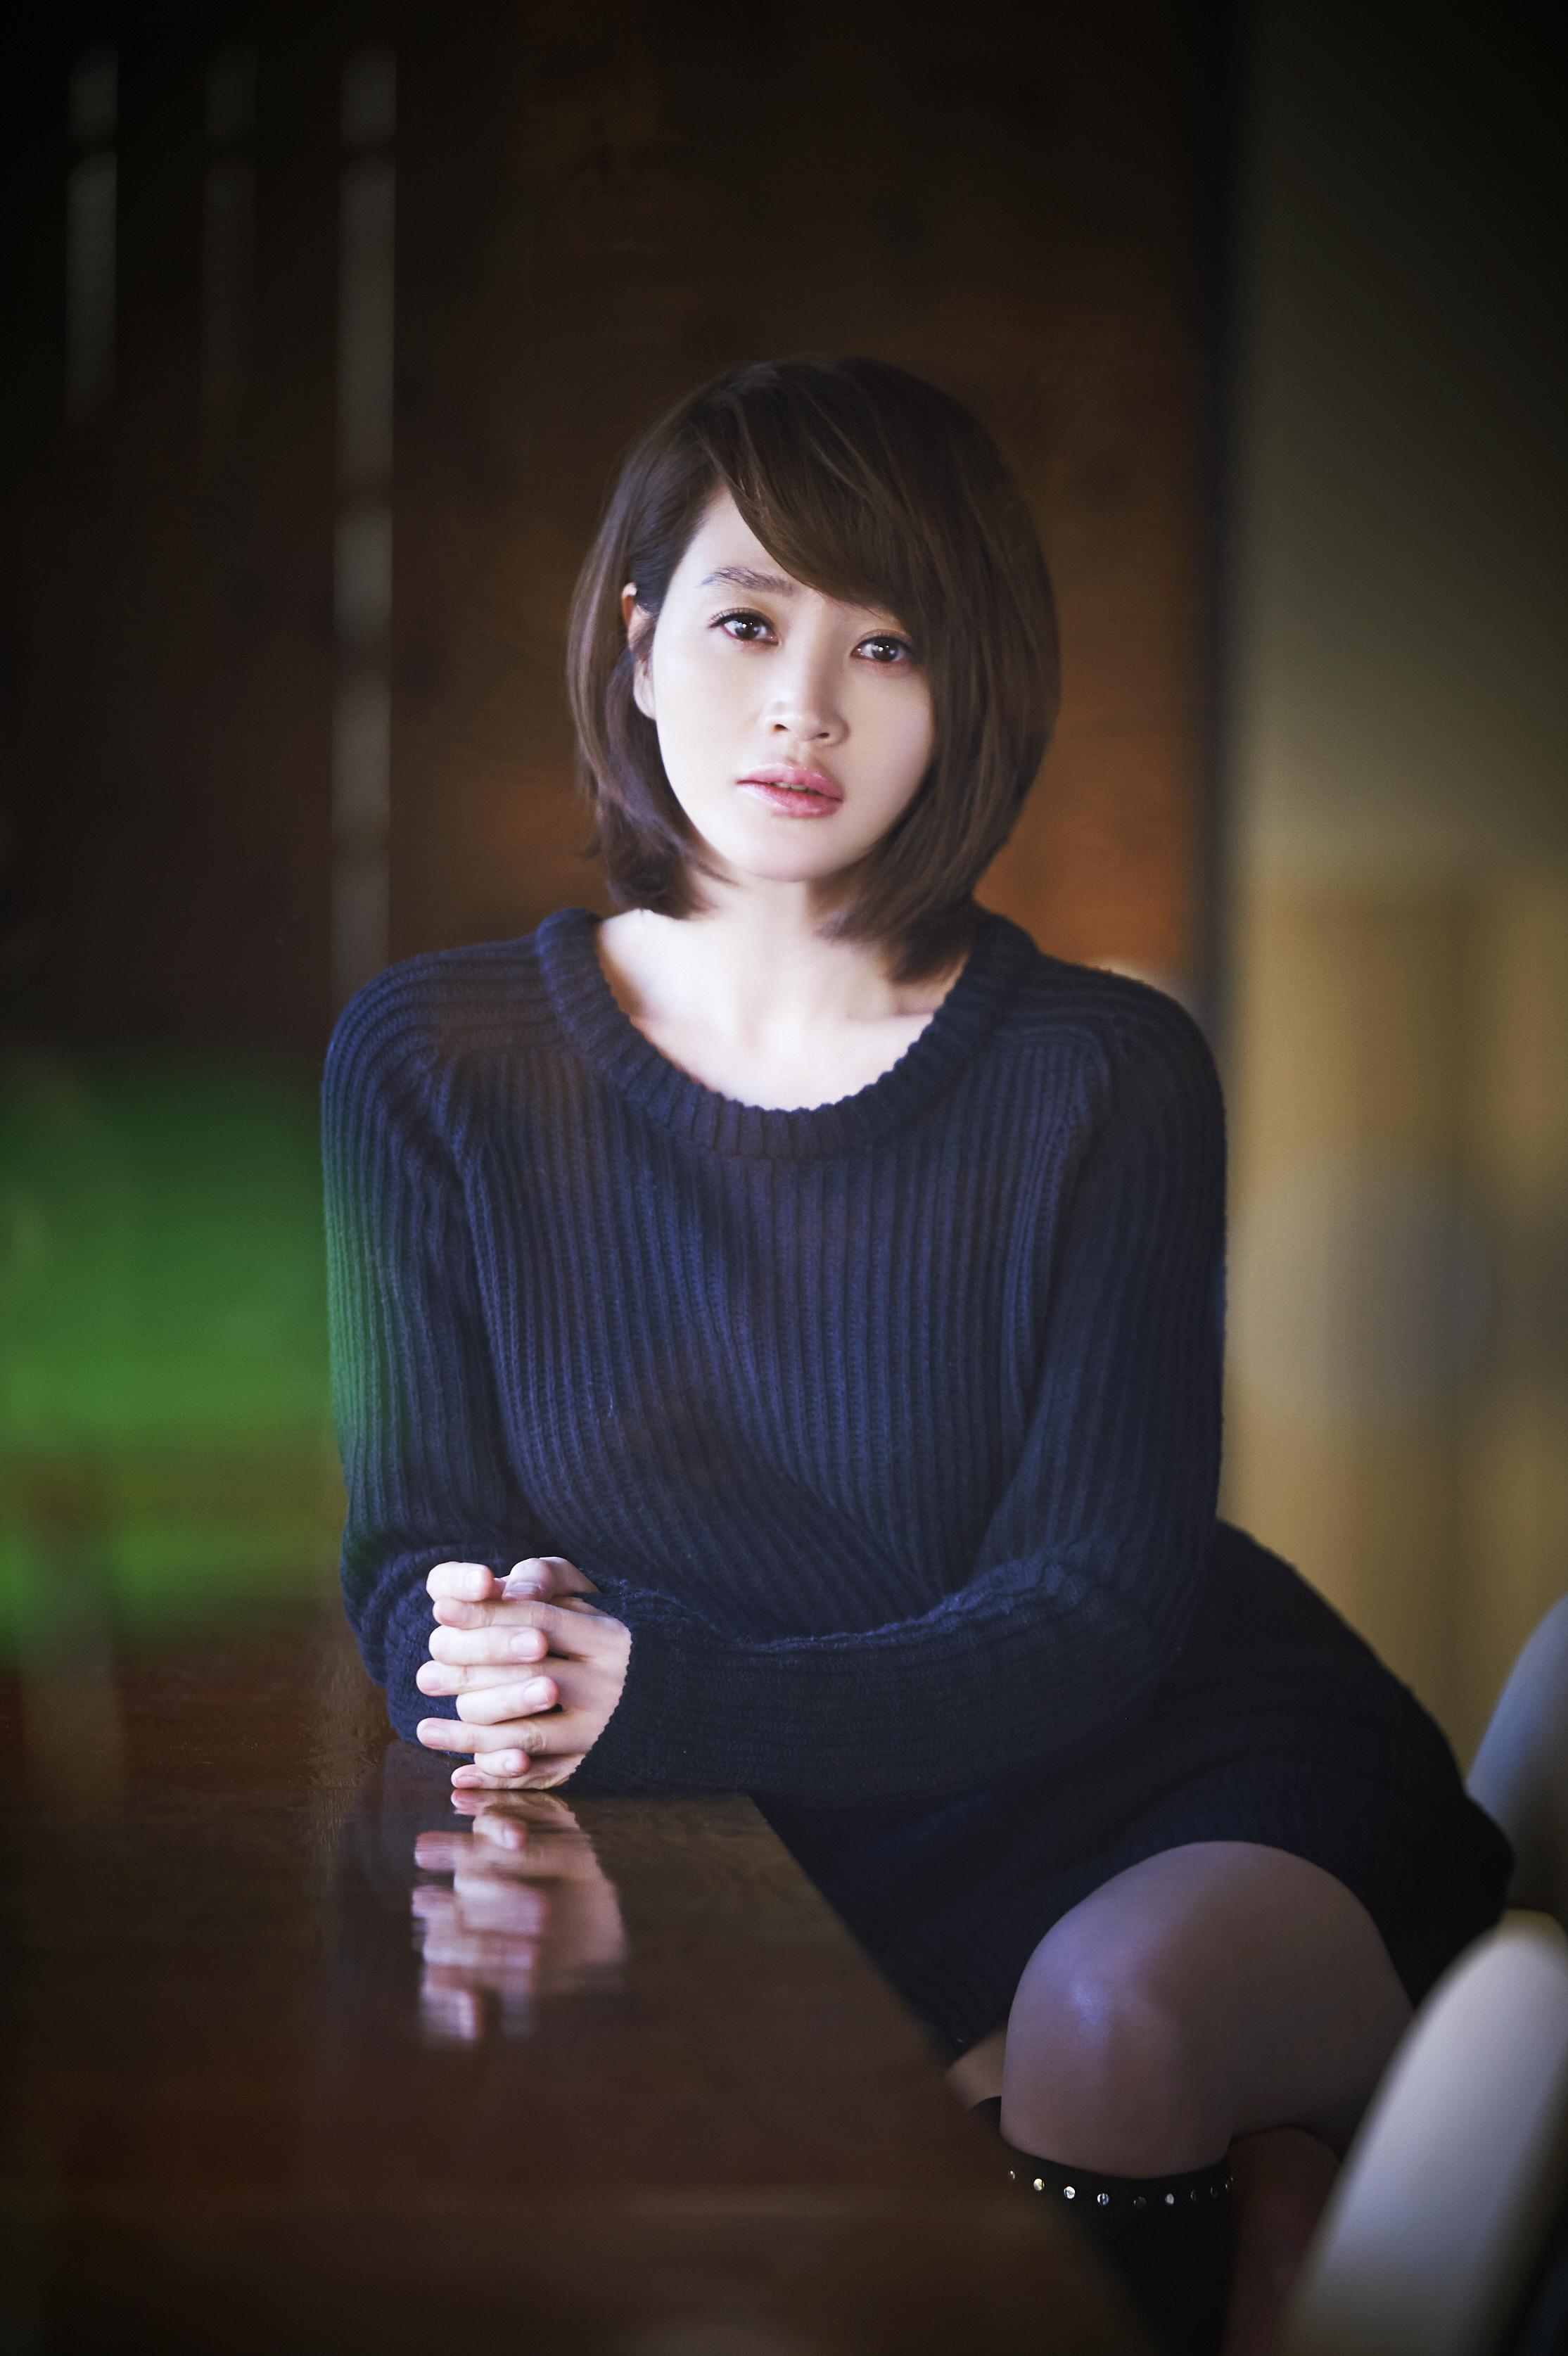 [人스타]여배우들의 본보기가 되는 인물, 김혜수